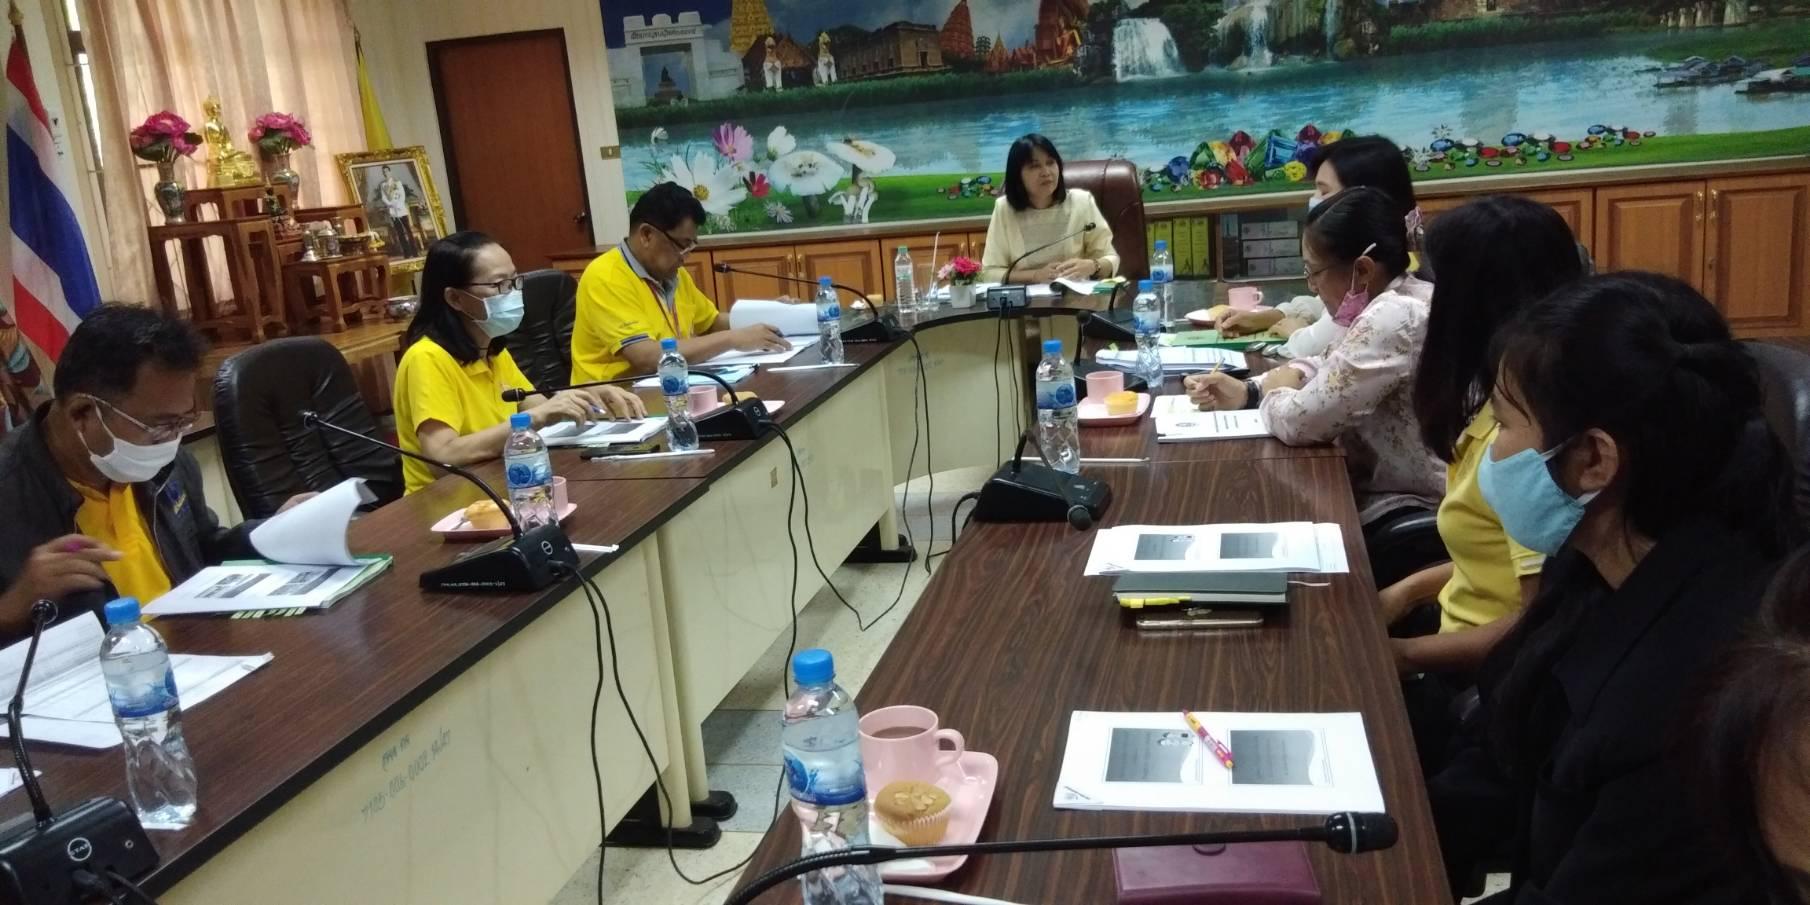 ประชุมติดตามผลการปฏิบัติงานตามภารกิจตามแผนงานโครงการ/กิจกรรม ประจำปีงบประมาณ พ.ศ.2563